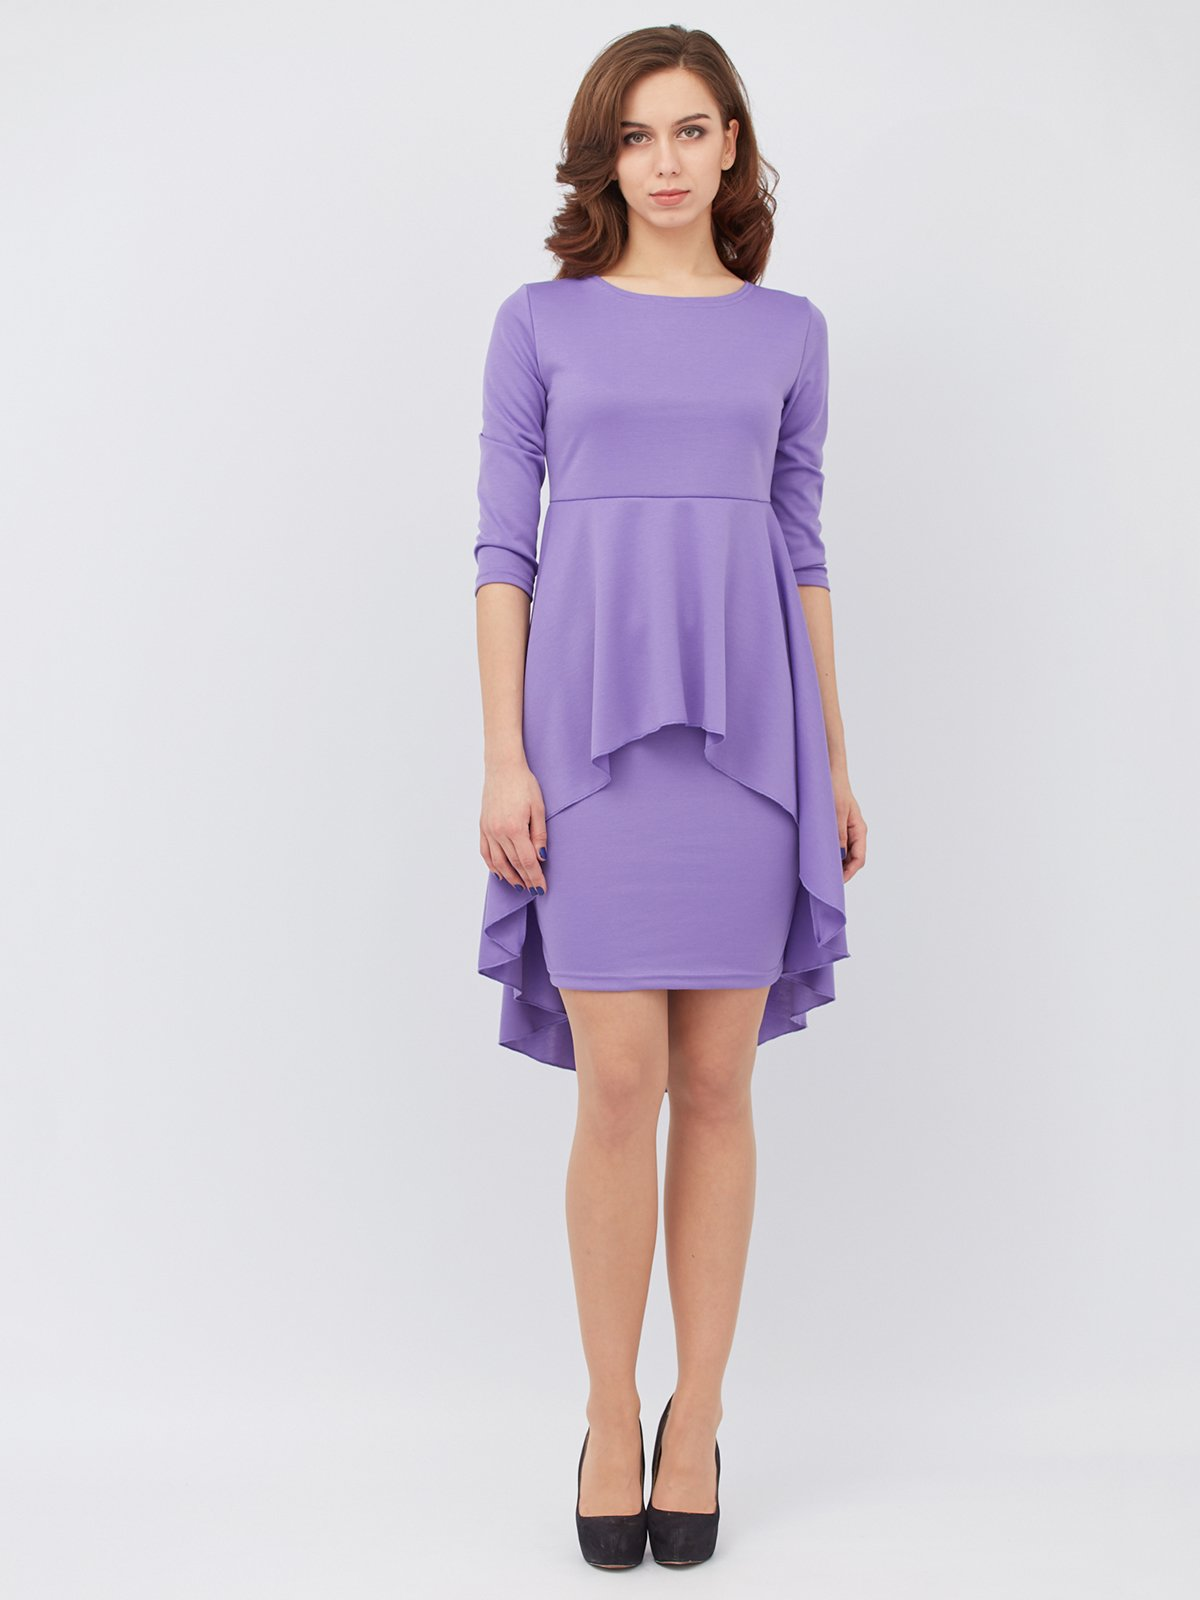 58d975325ece Платье лавандового цвета — BesTiA, акция действует до 26 марта 2018 ...